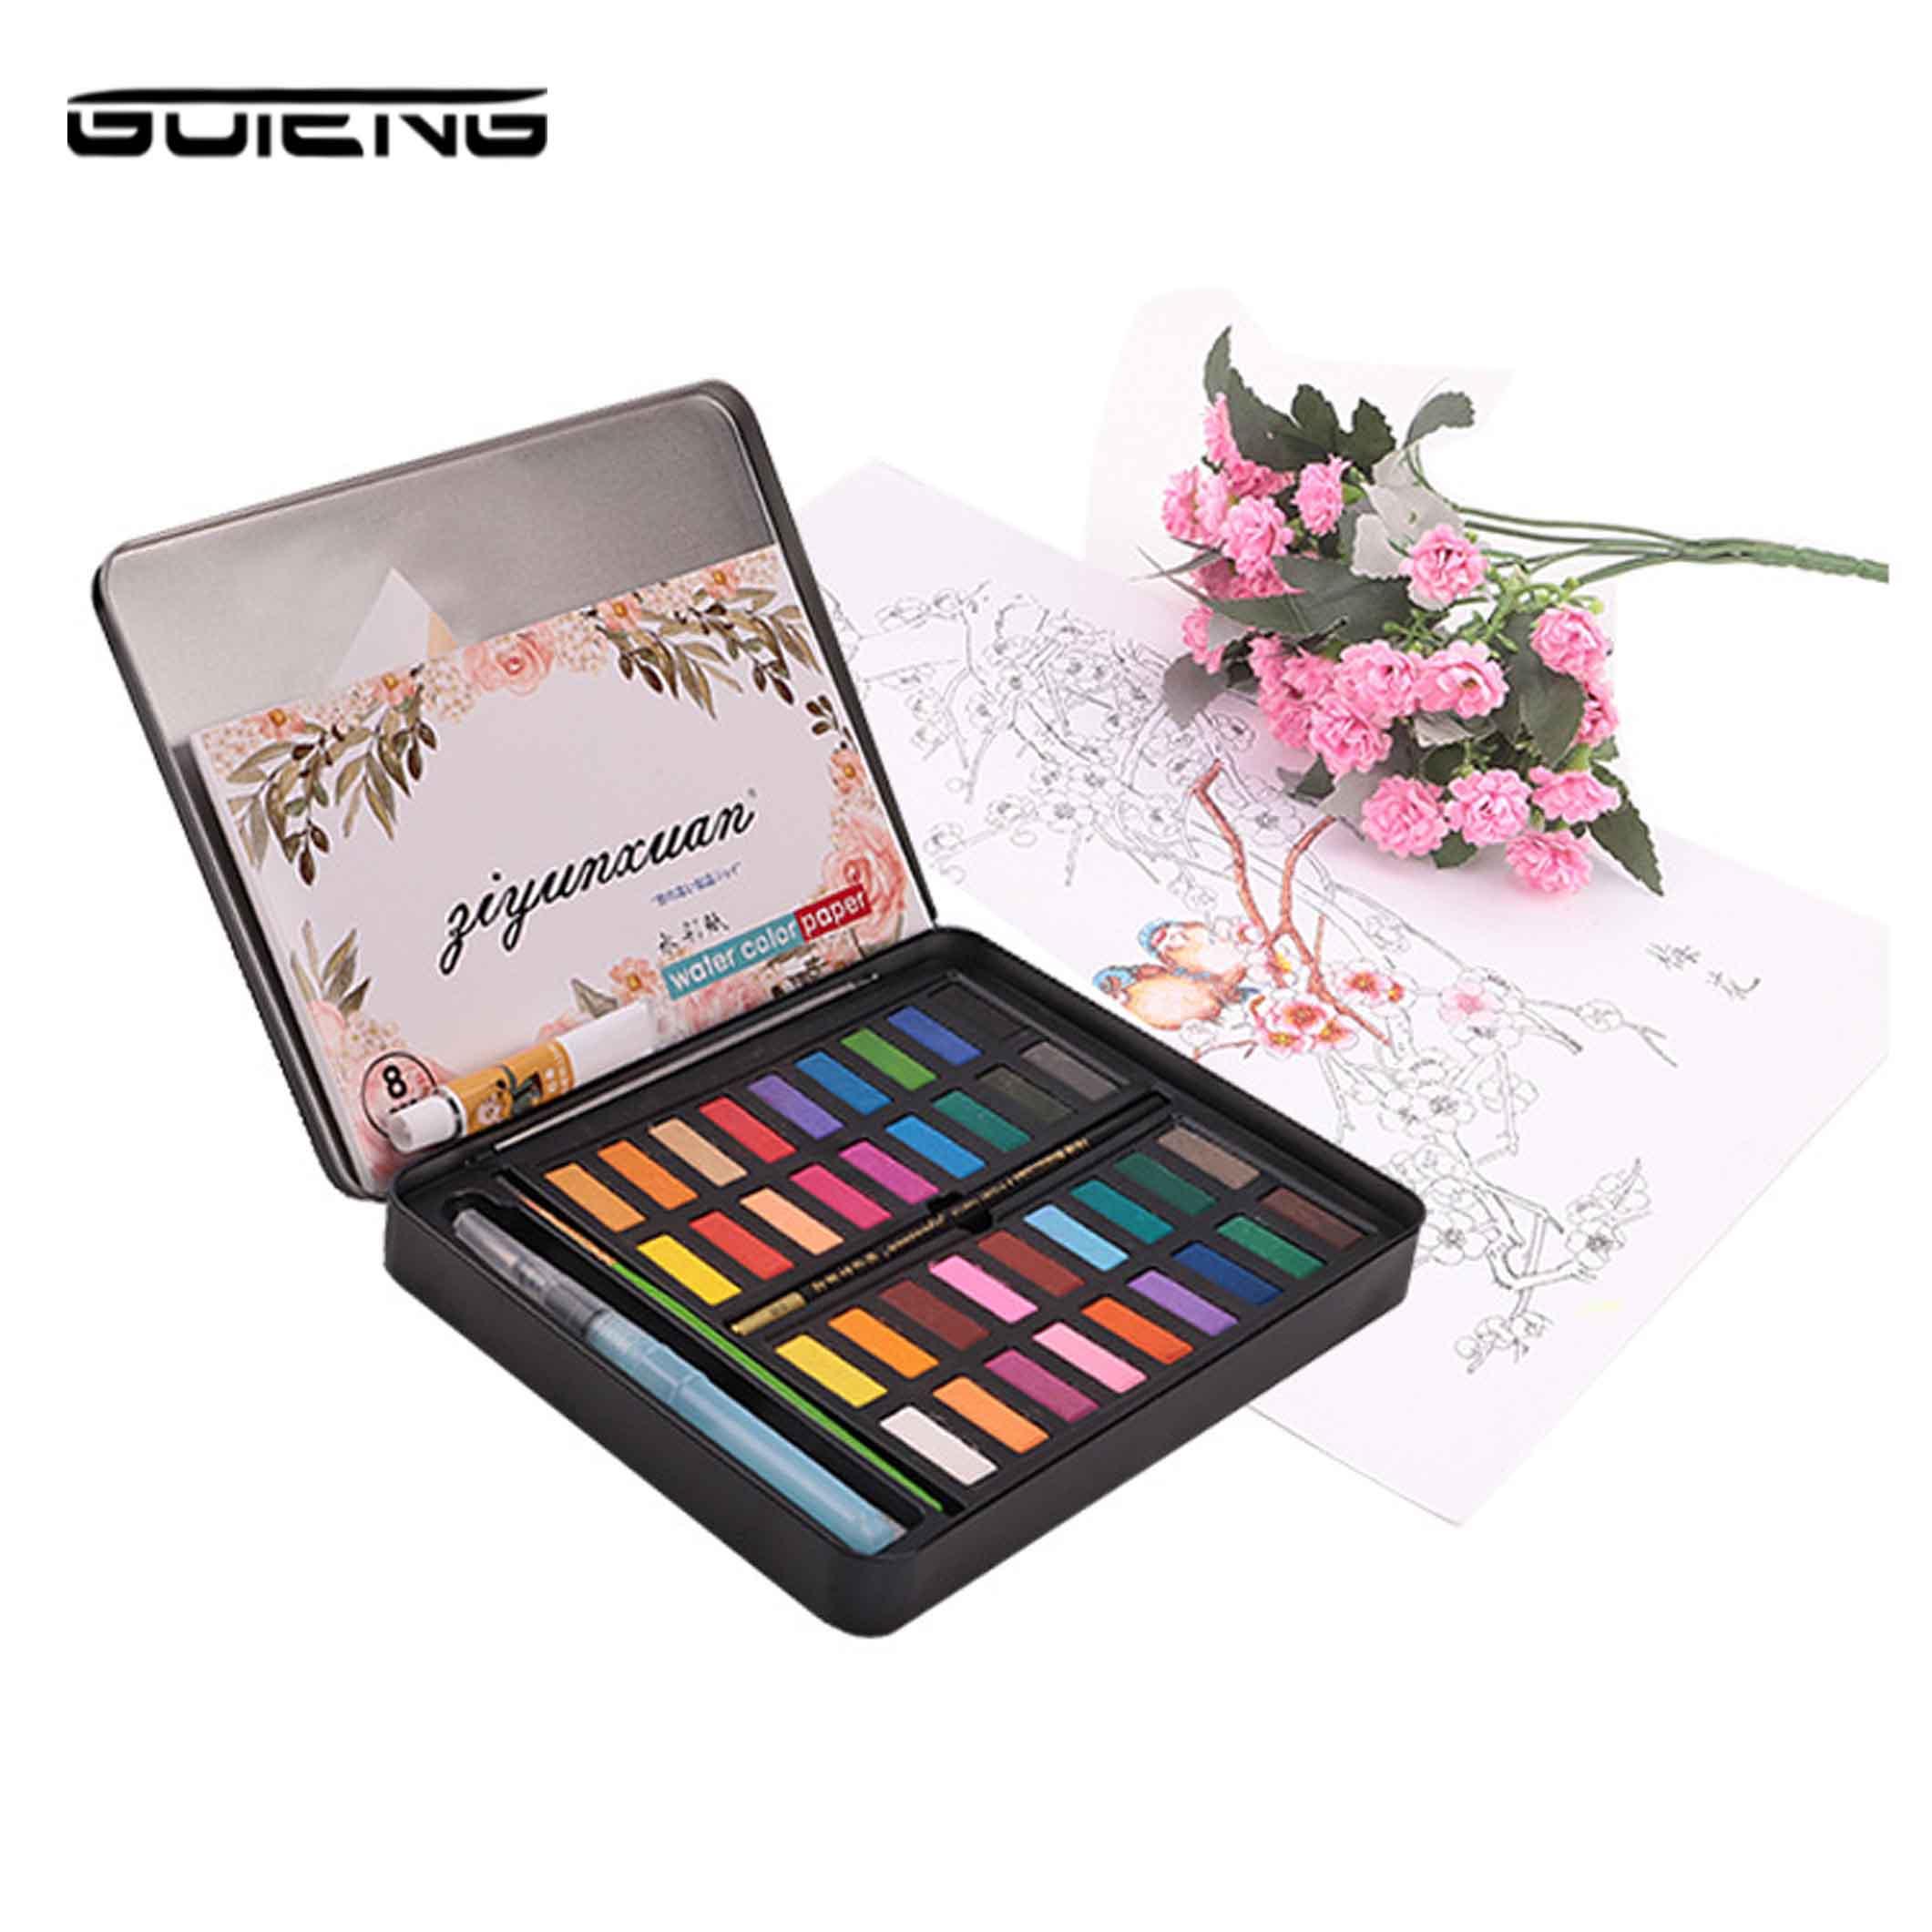 Guteng Art Watercolor Tin Palette Paint Set With 36 Colors Half Pan Paints Portable Watercolor Paint Set For Field Sketch